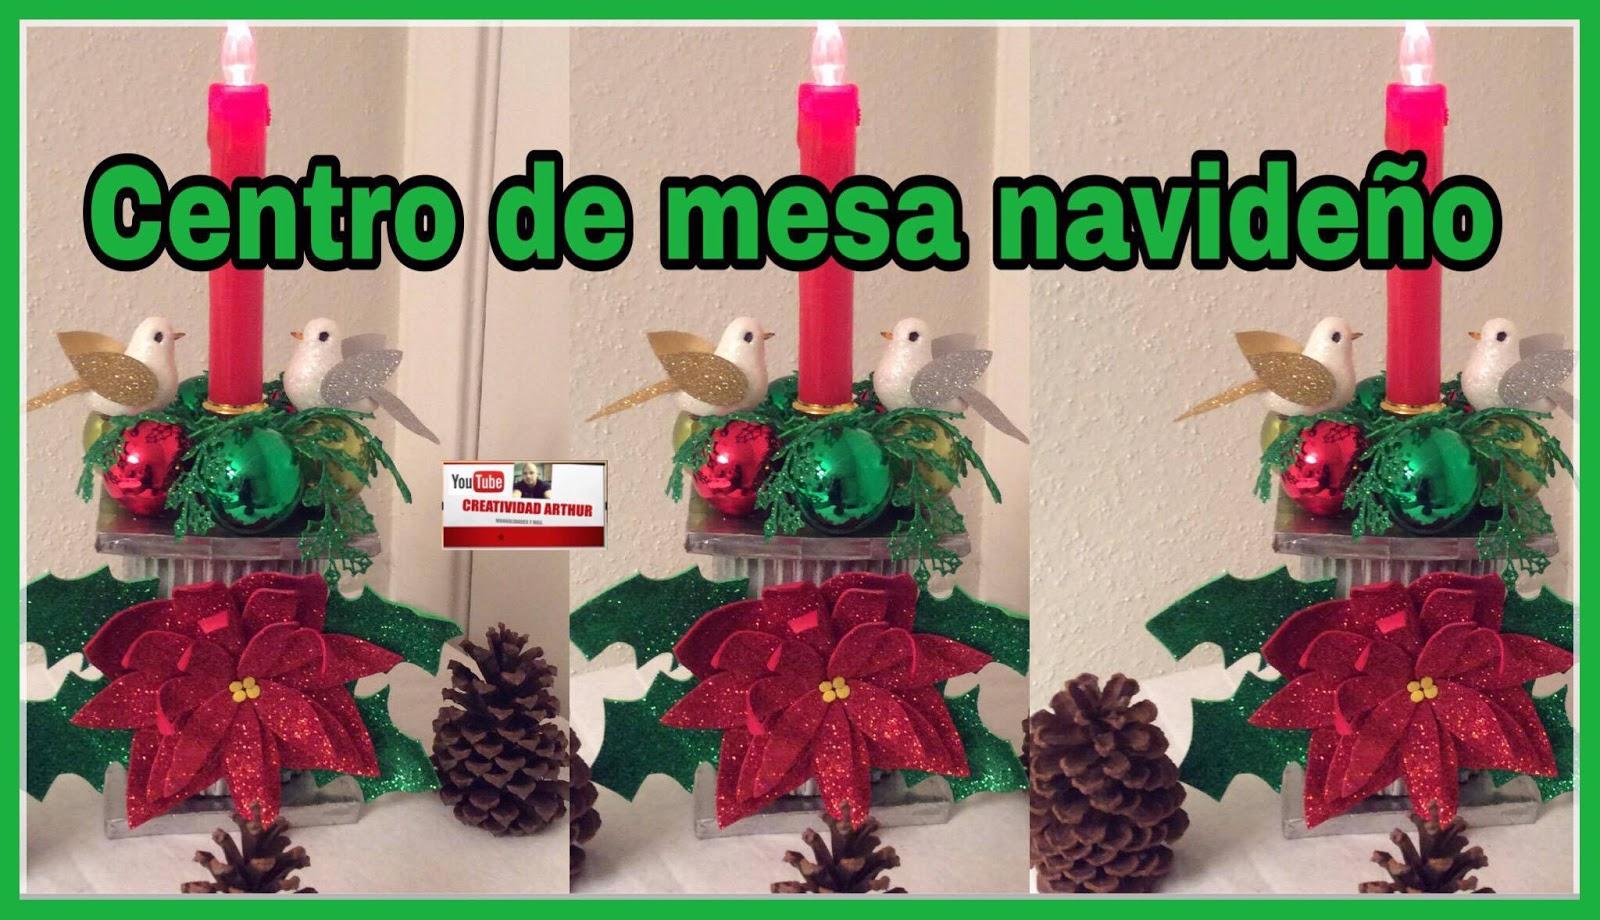 Realizando Manualidades Centro De Mesa Para Navidad - Manualidades-centros-de-navidad